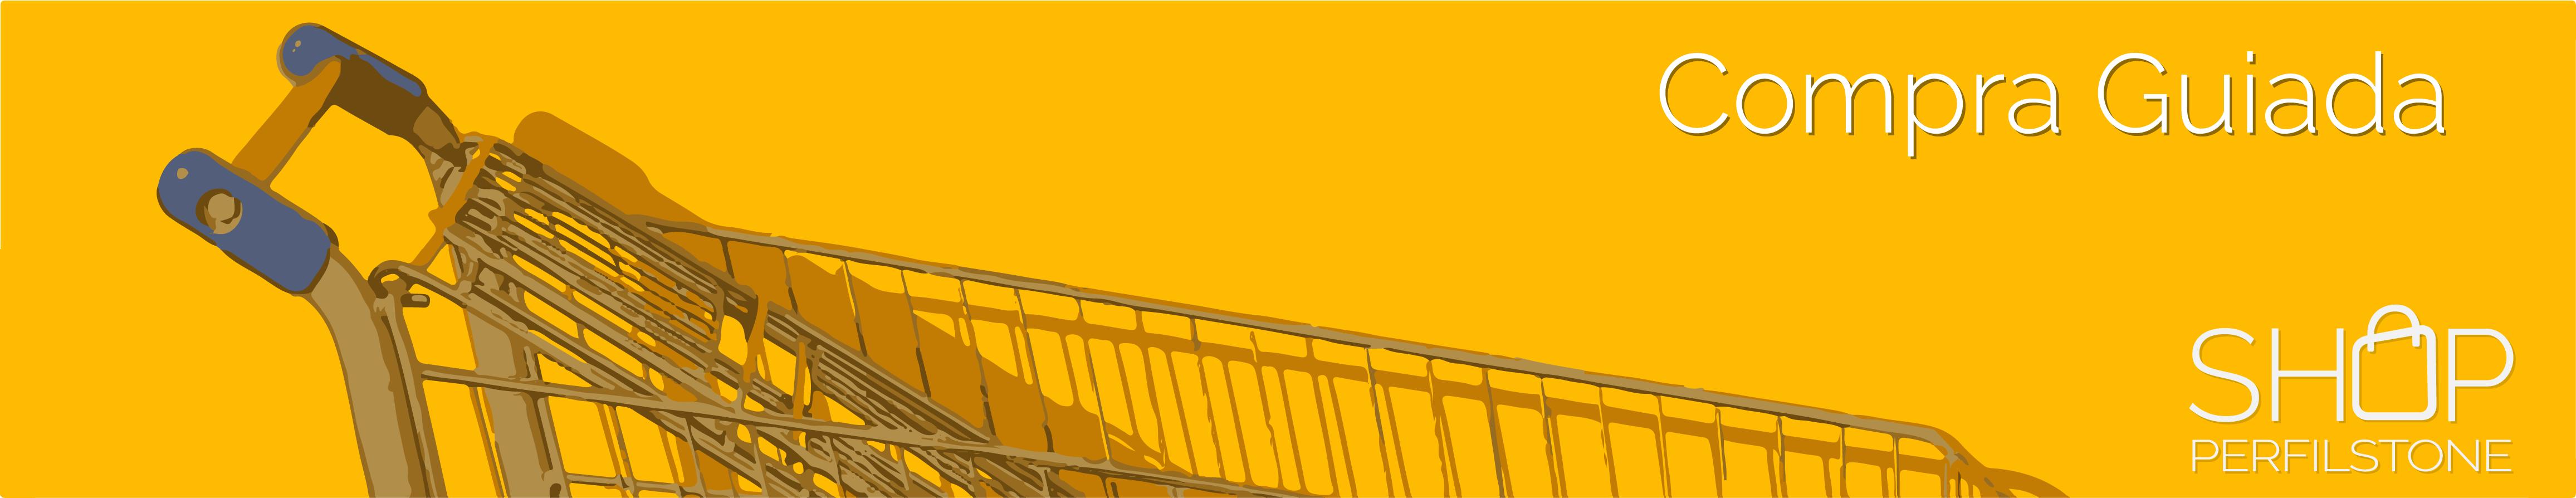 Con la compra guiada de Perfilstoneshop te ayudamos a encontrar la solución que buscas.